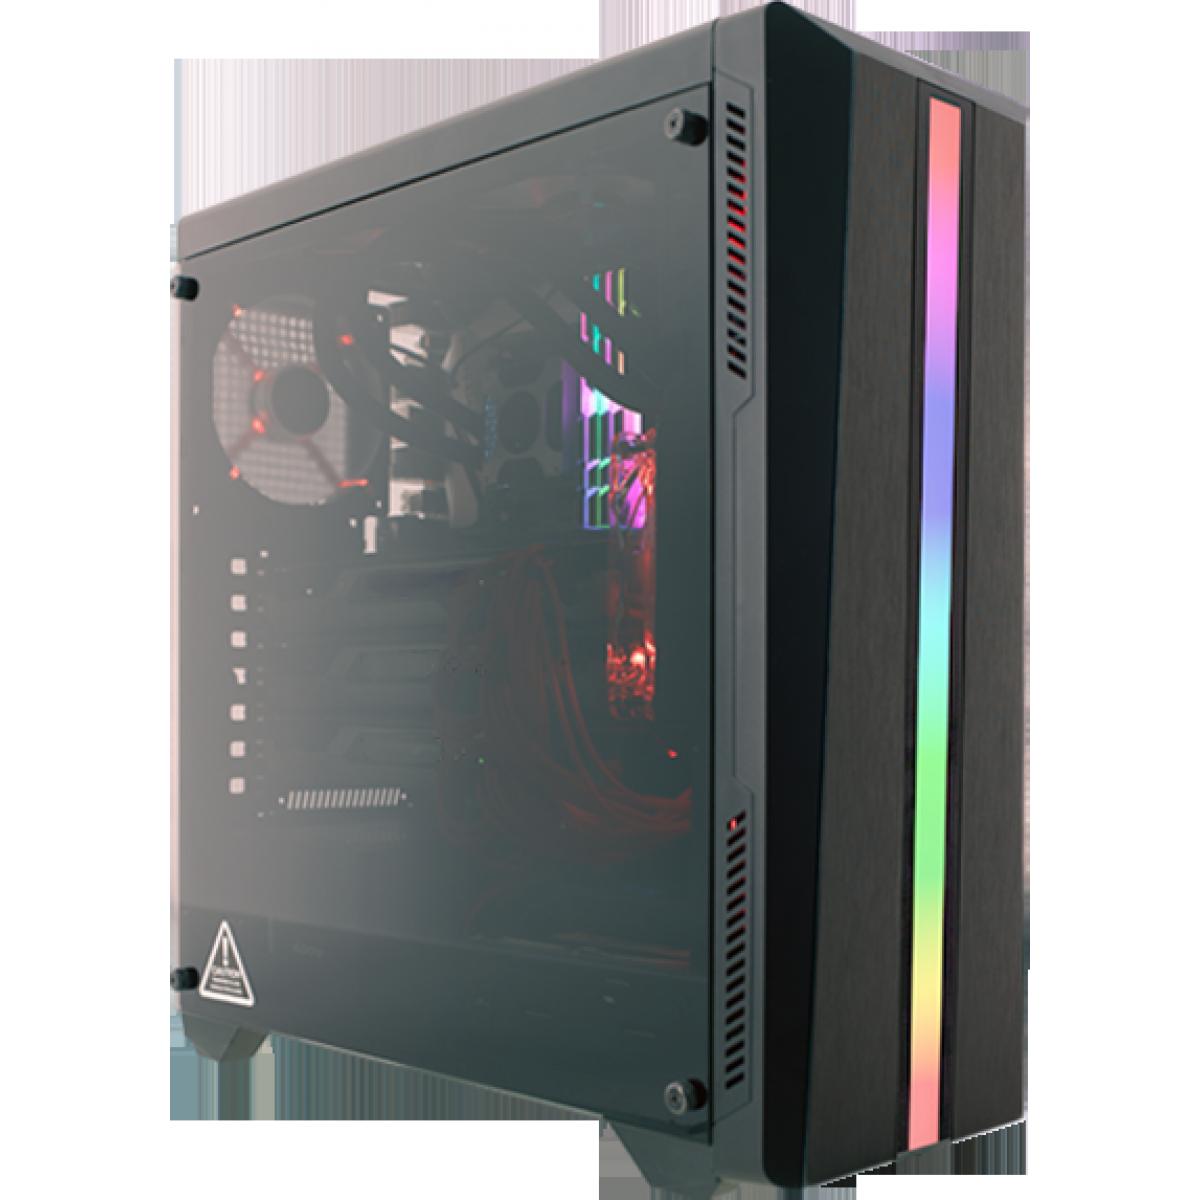 Pc Gamer T-power Special Edition Intel I7 9700K 3.60GHz / GeForce GTX 1660 Ti 6GB / DDR4 8GB / HD 1TB / 600W